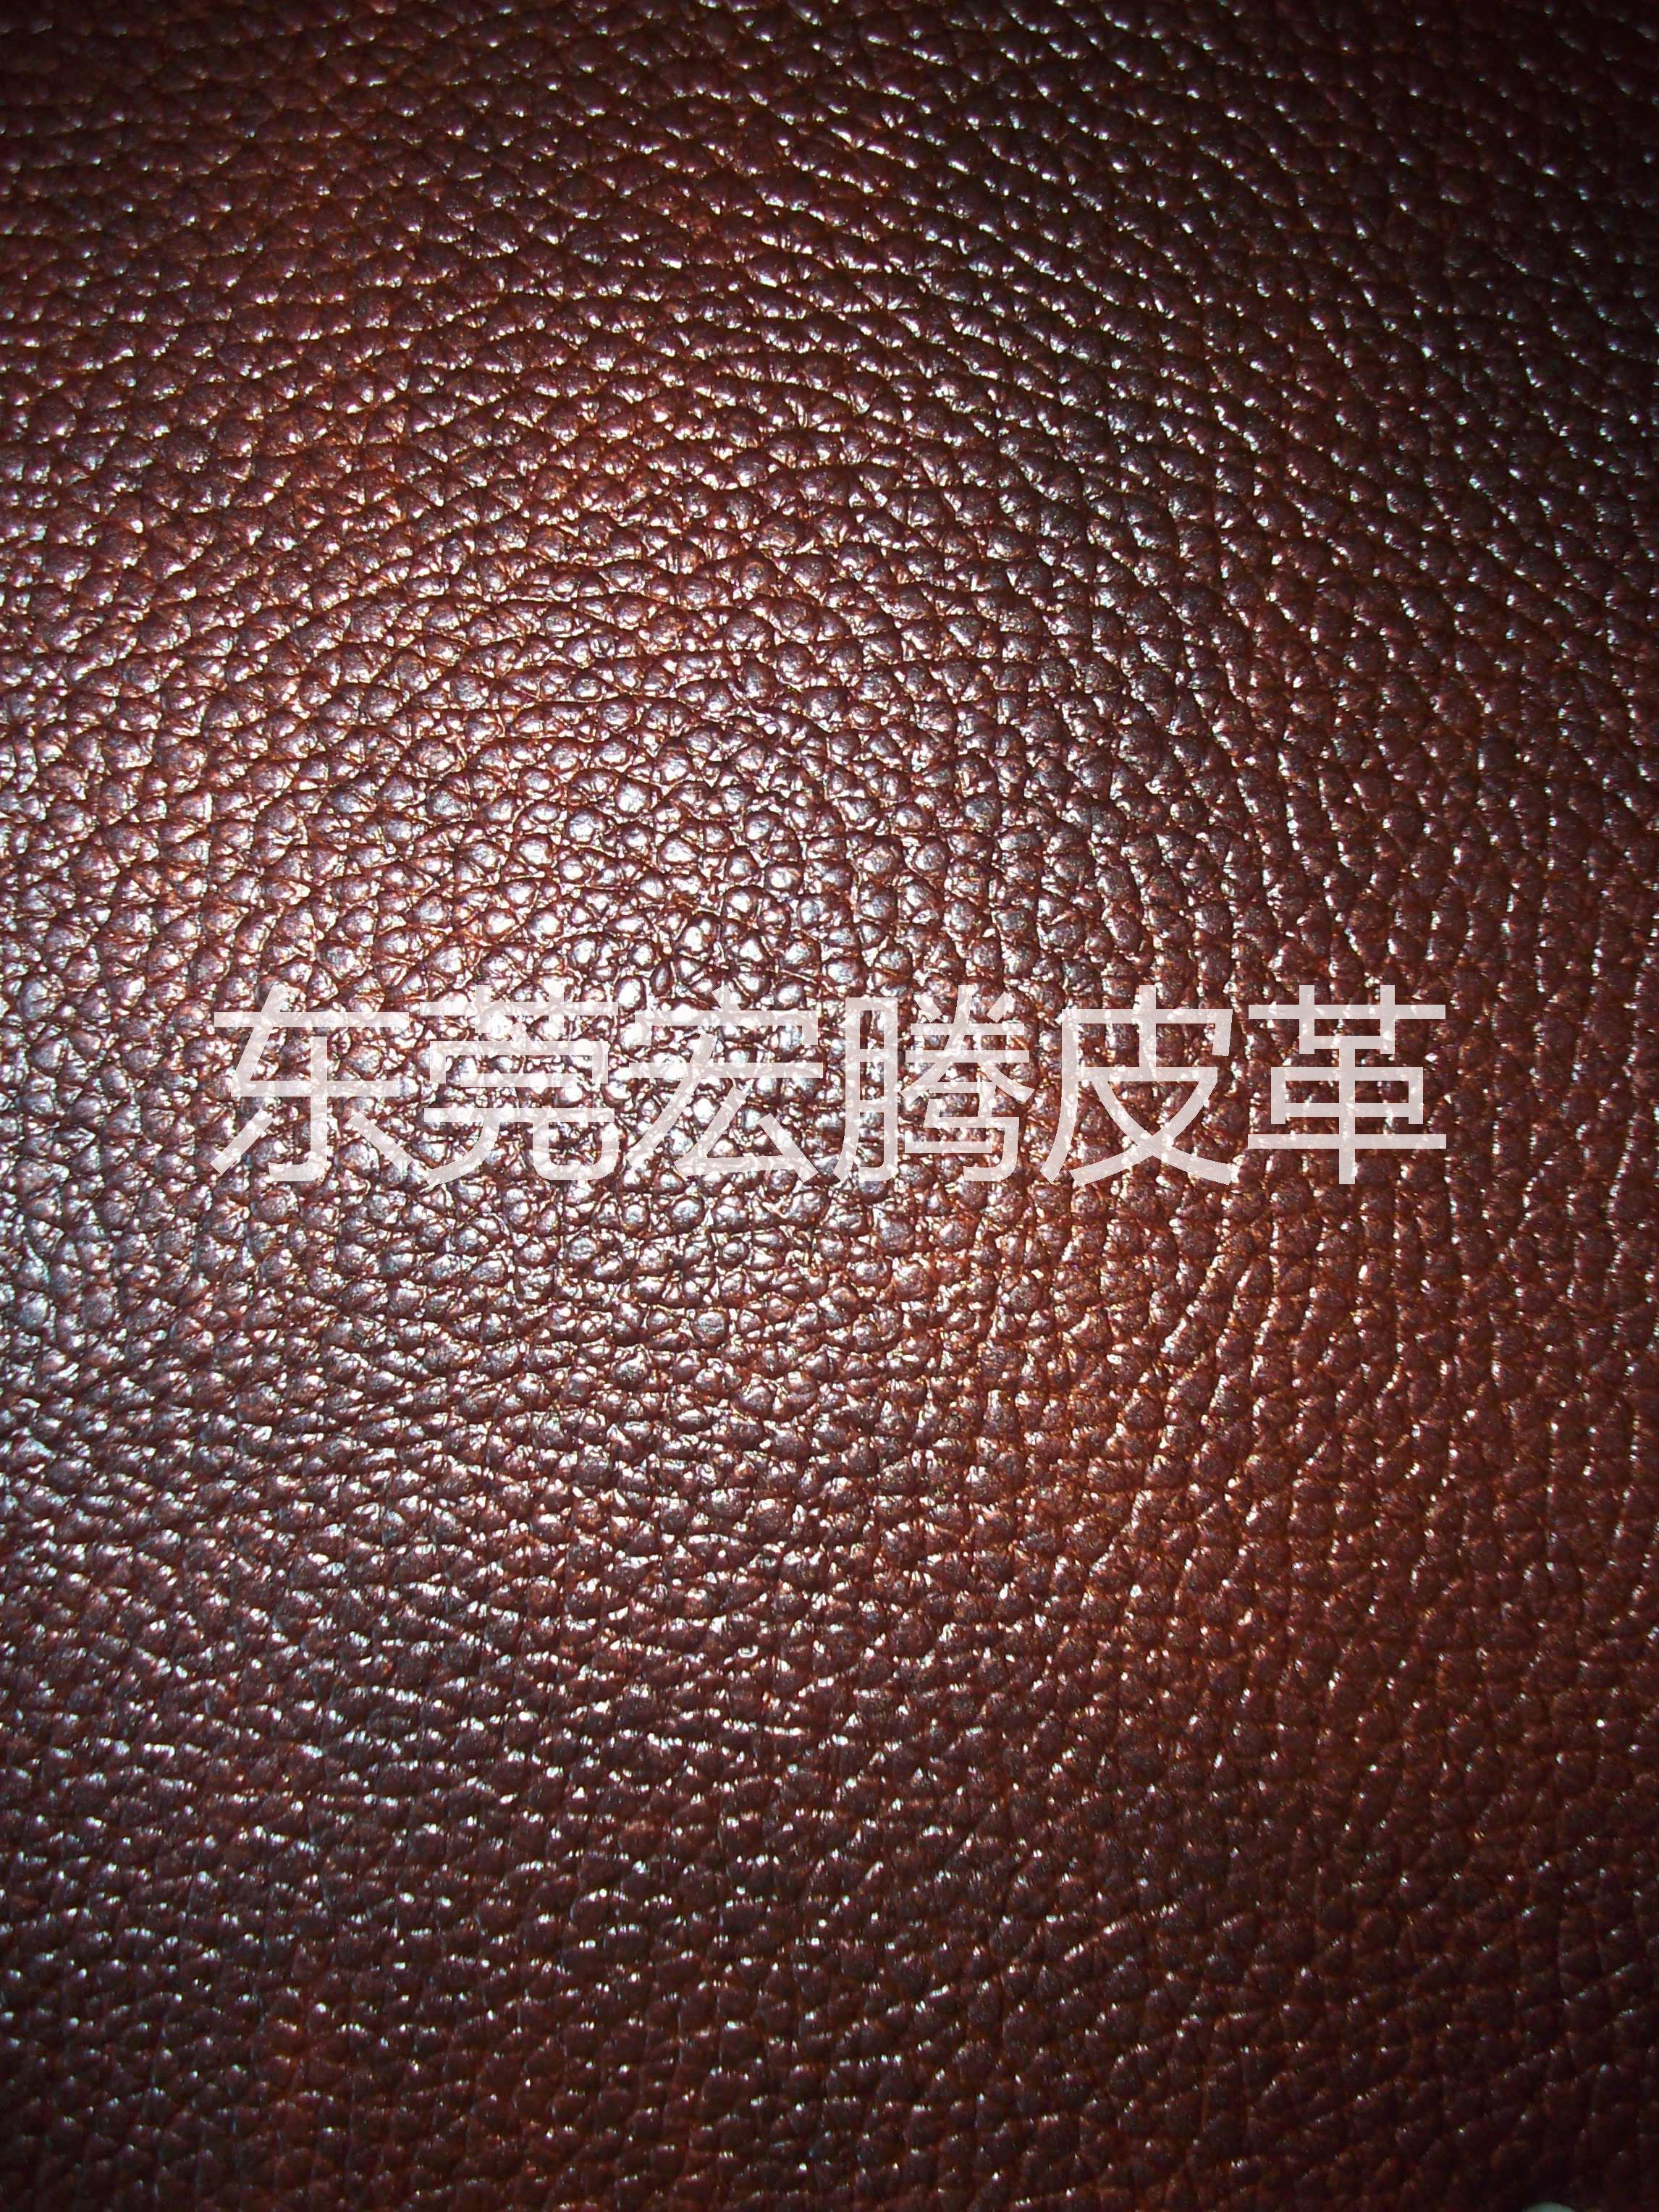 供应灌顶荔枝纹沙发革20元/灌顶荔枝纹沙发革20元现货供应